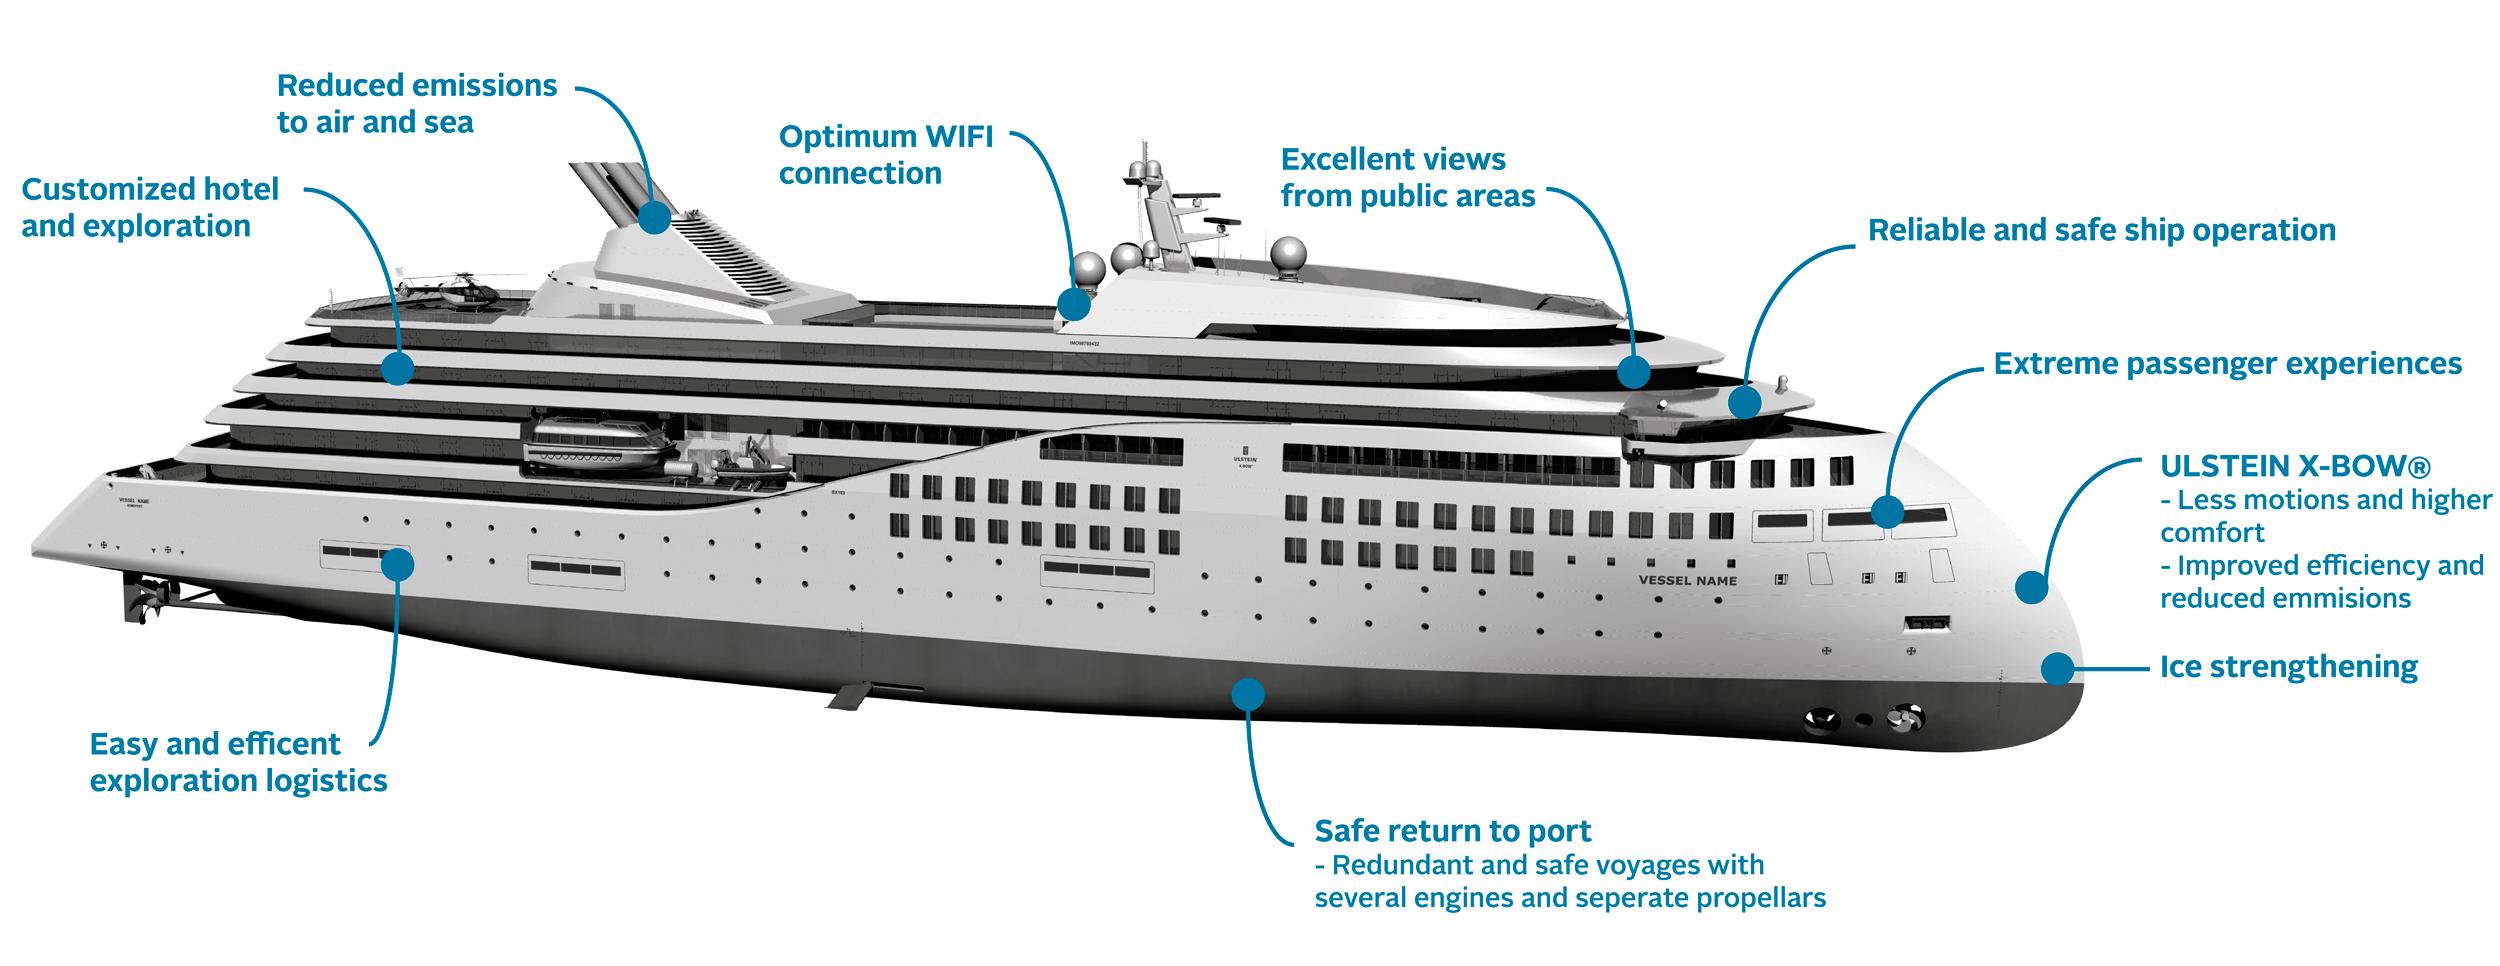 x-bow-cruise-ship